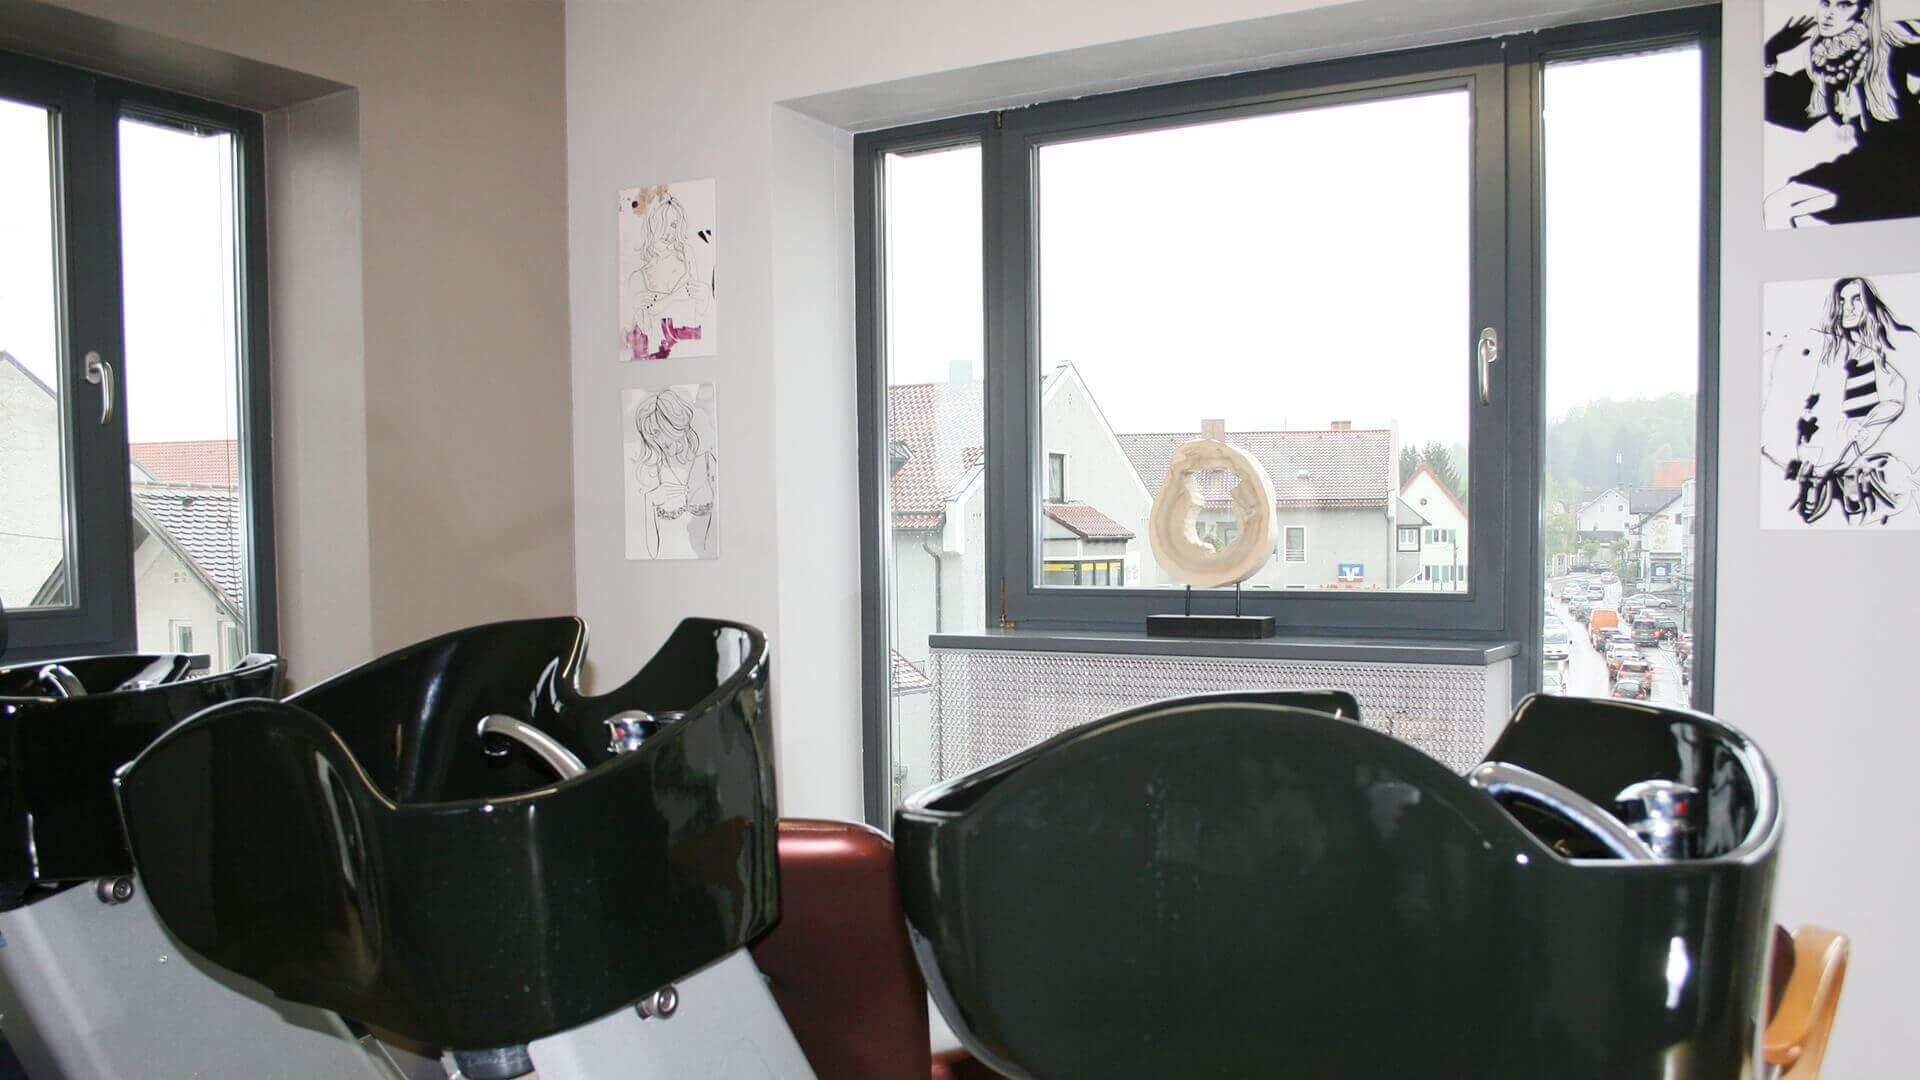 Benno Hagenbucher Friseure - Salon 3